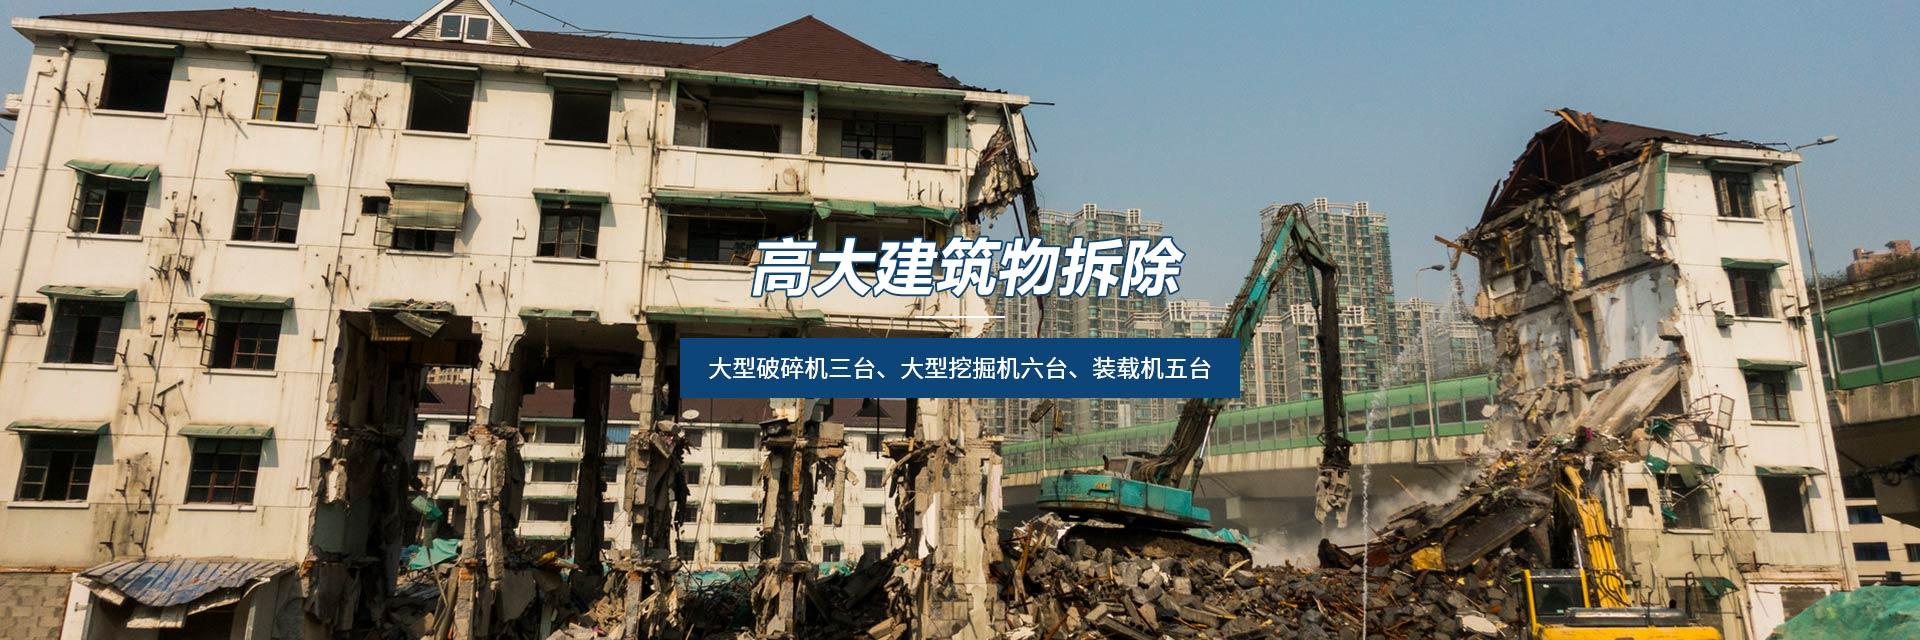 烟囱旧楼拆除